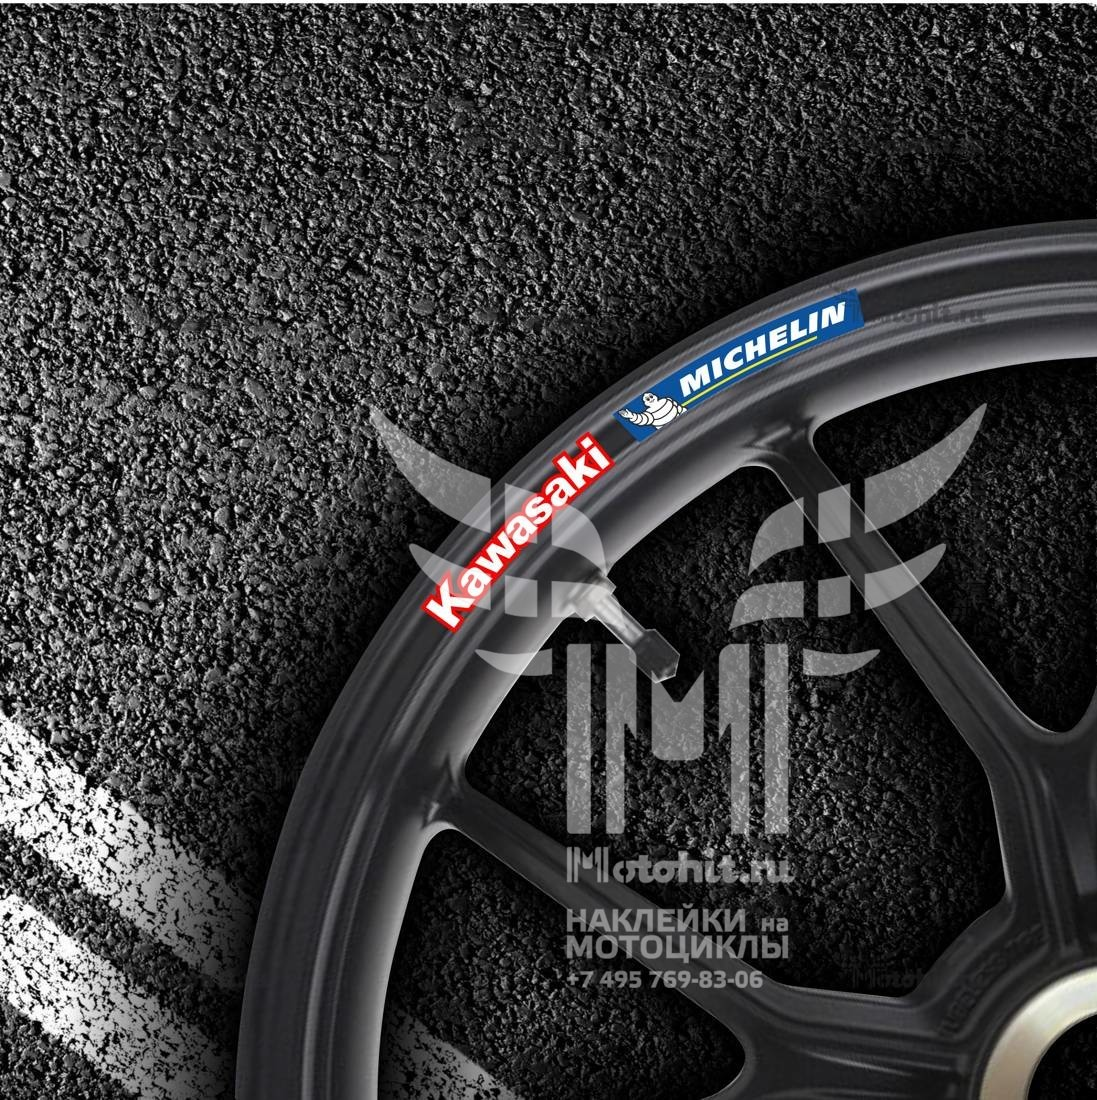 Комплект наклеек на обод колеса мотоцикла KAWASAKI MICHELIN